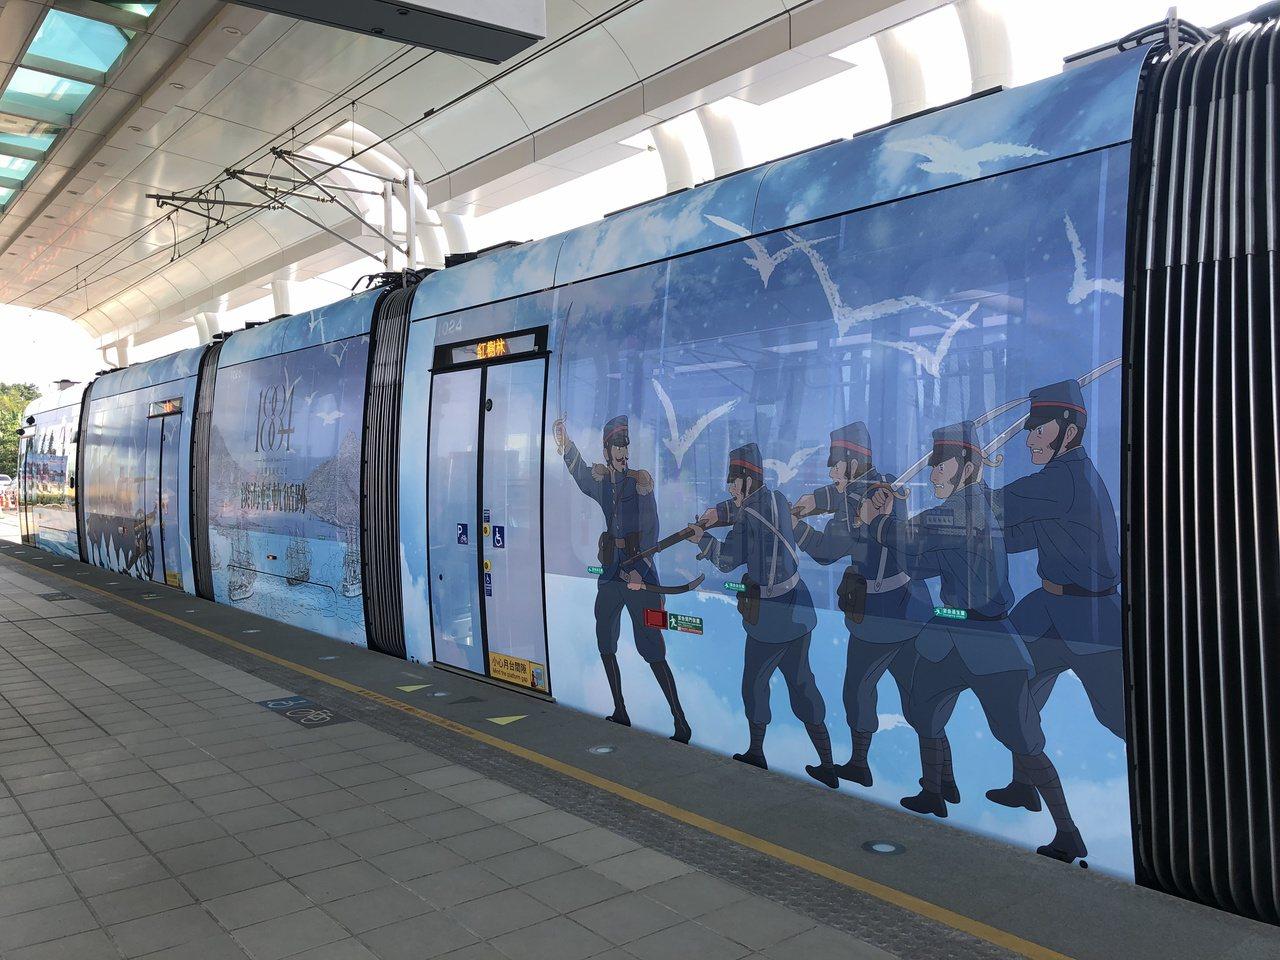 新北捷運公司在國慶連假期間推出「清法戰爭紀念彩繪列車」活動,也是列車首次換裝。圖...